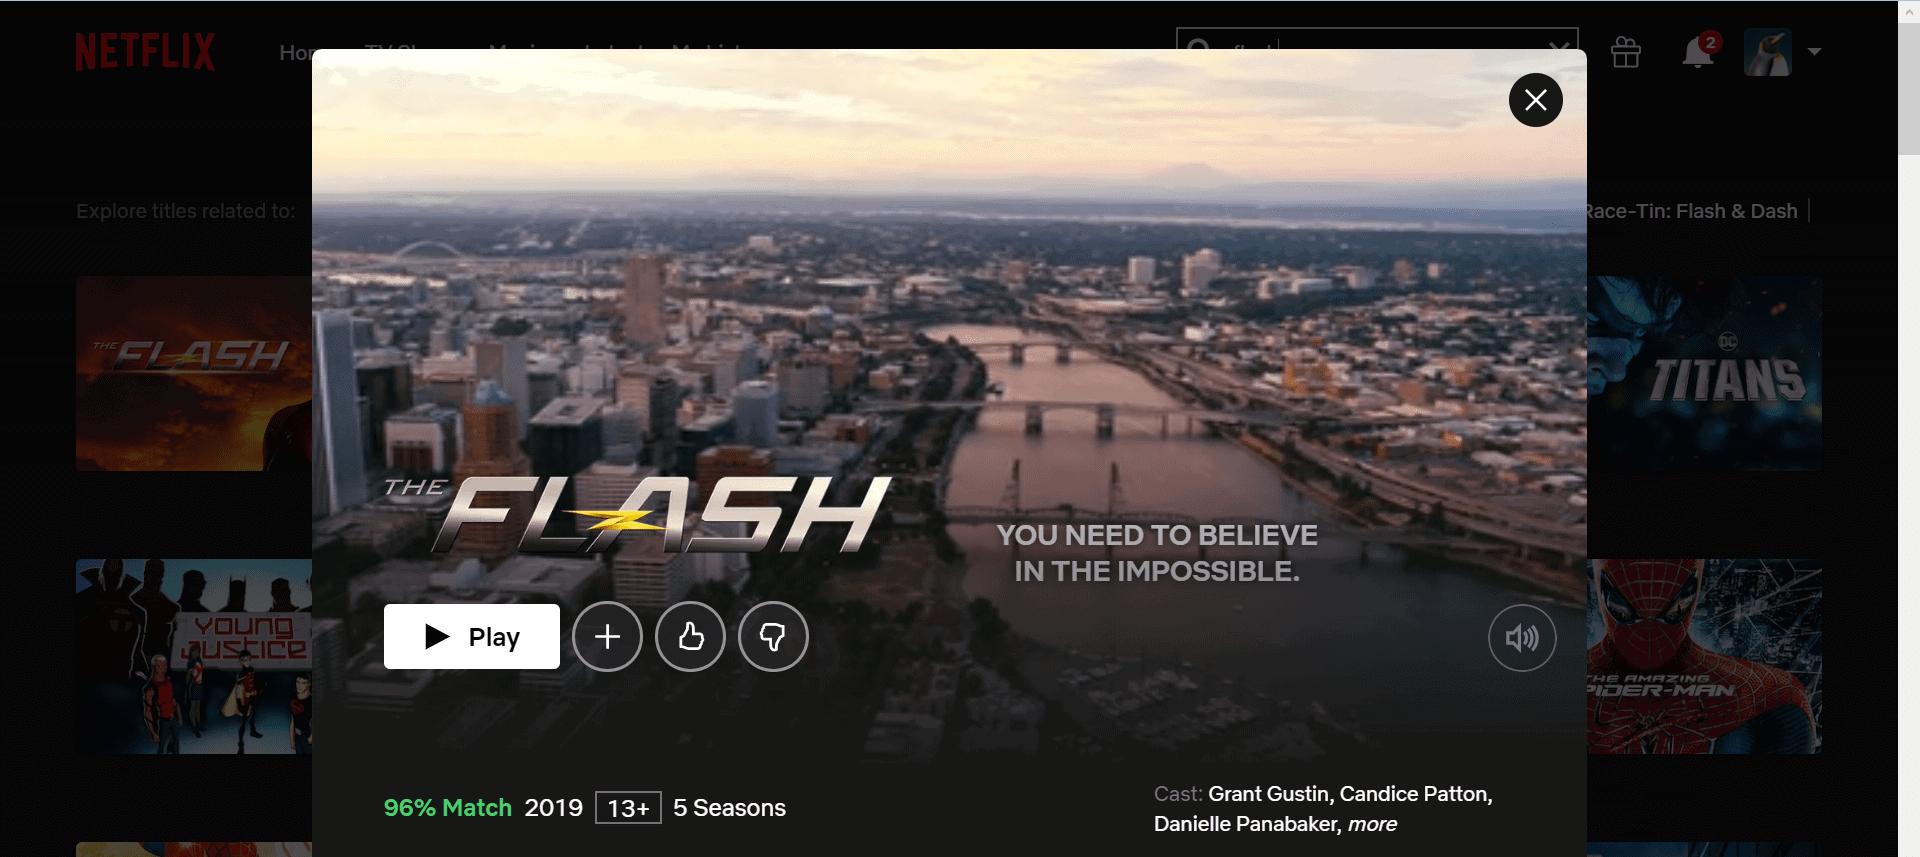 The Flash Staffel 3 Netflix